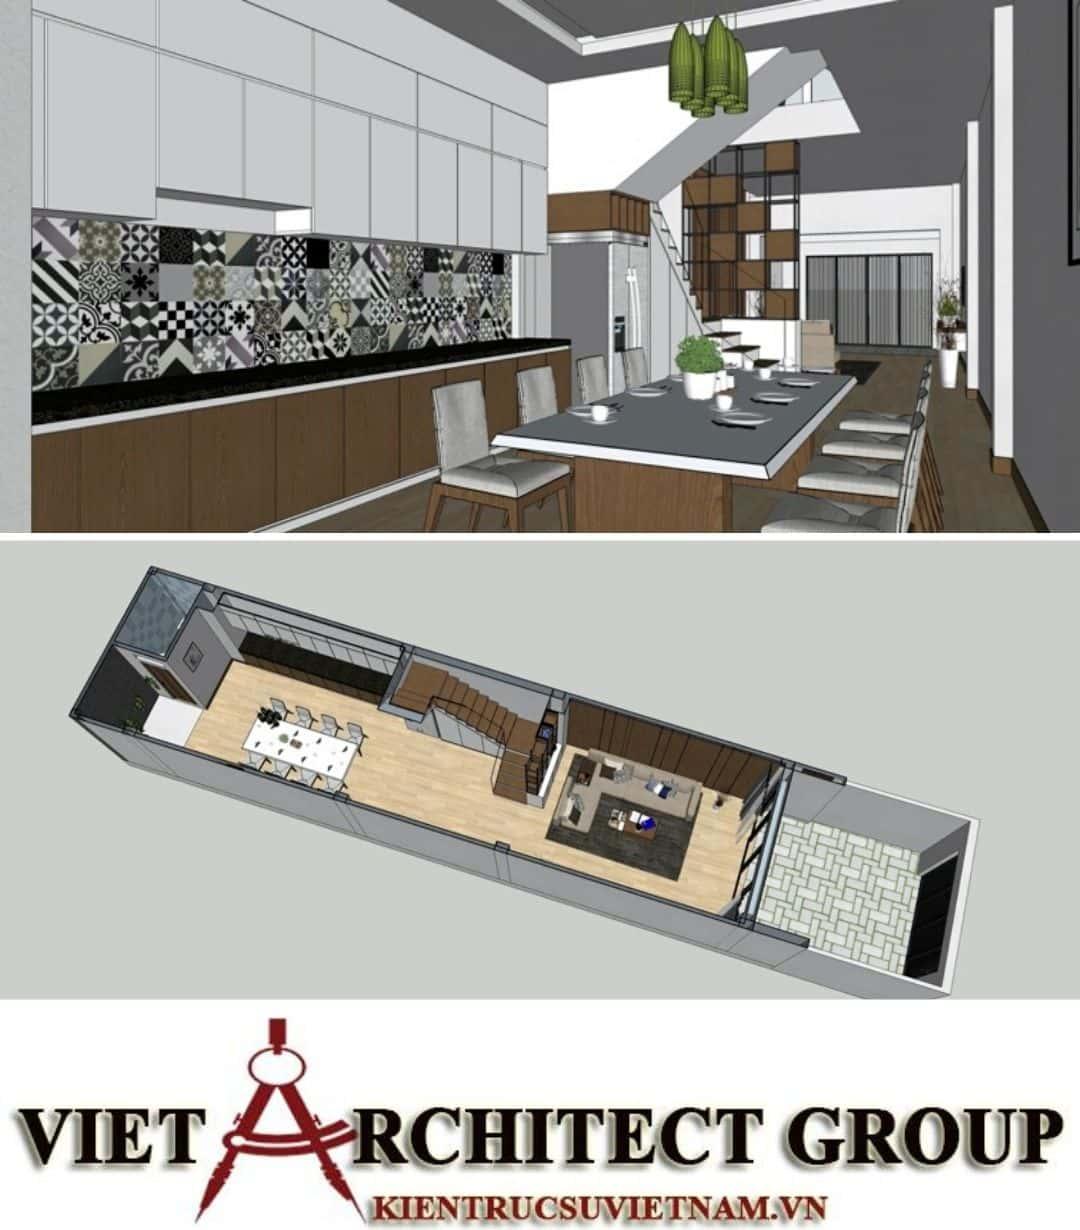 4 44 - Công trình nhà ở 4 tầng mặt tiền 4.5m anh Tuấn - TPHCM